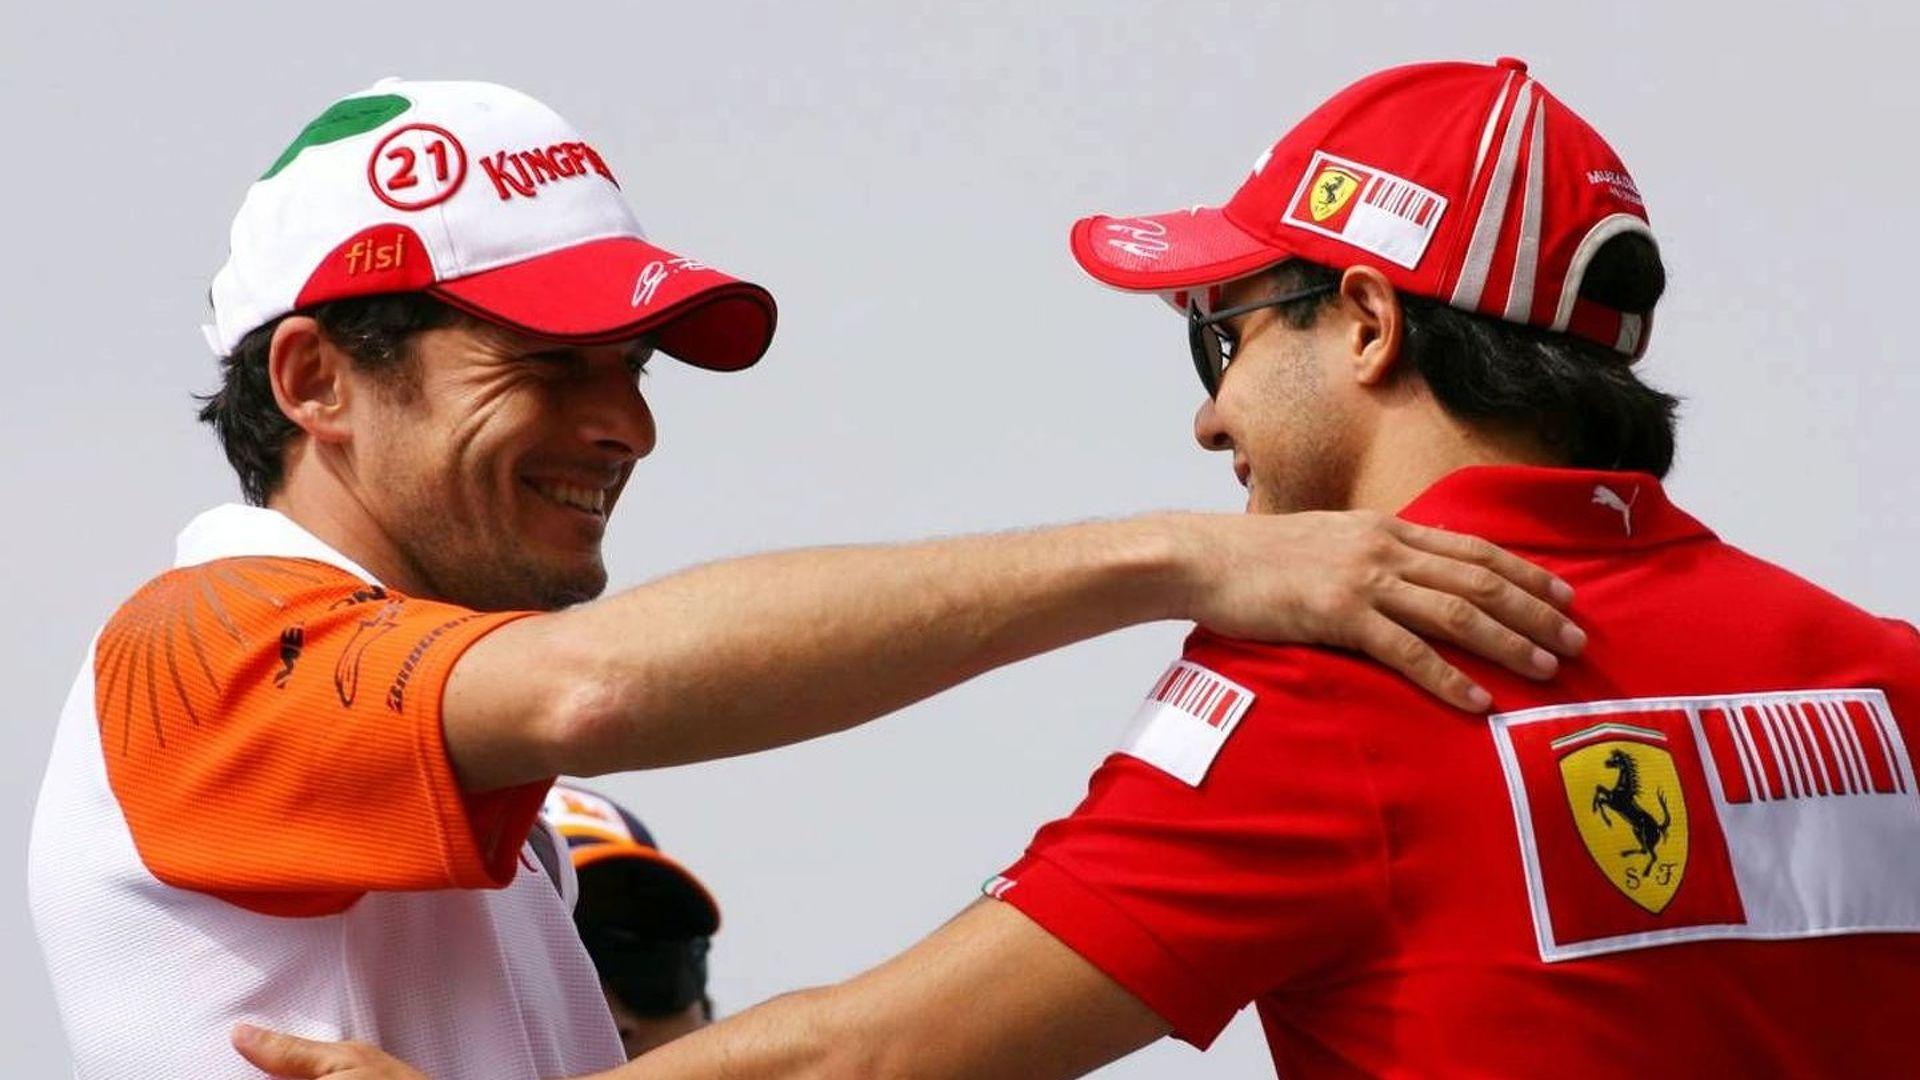 Still no confirmation of Fisi's Ferrari switch